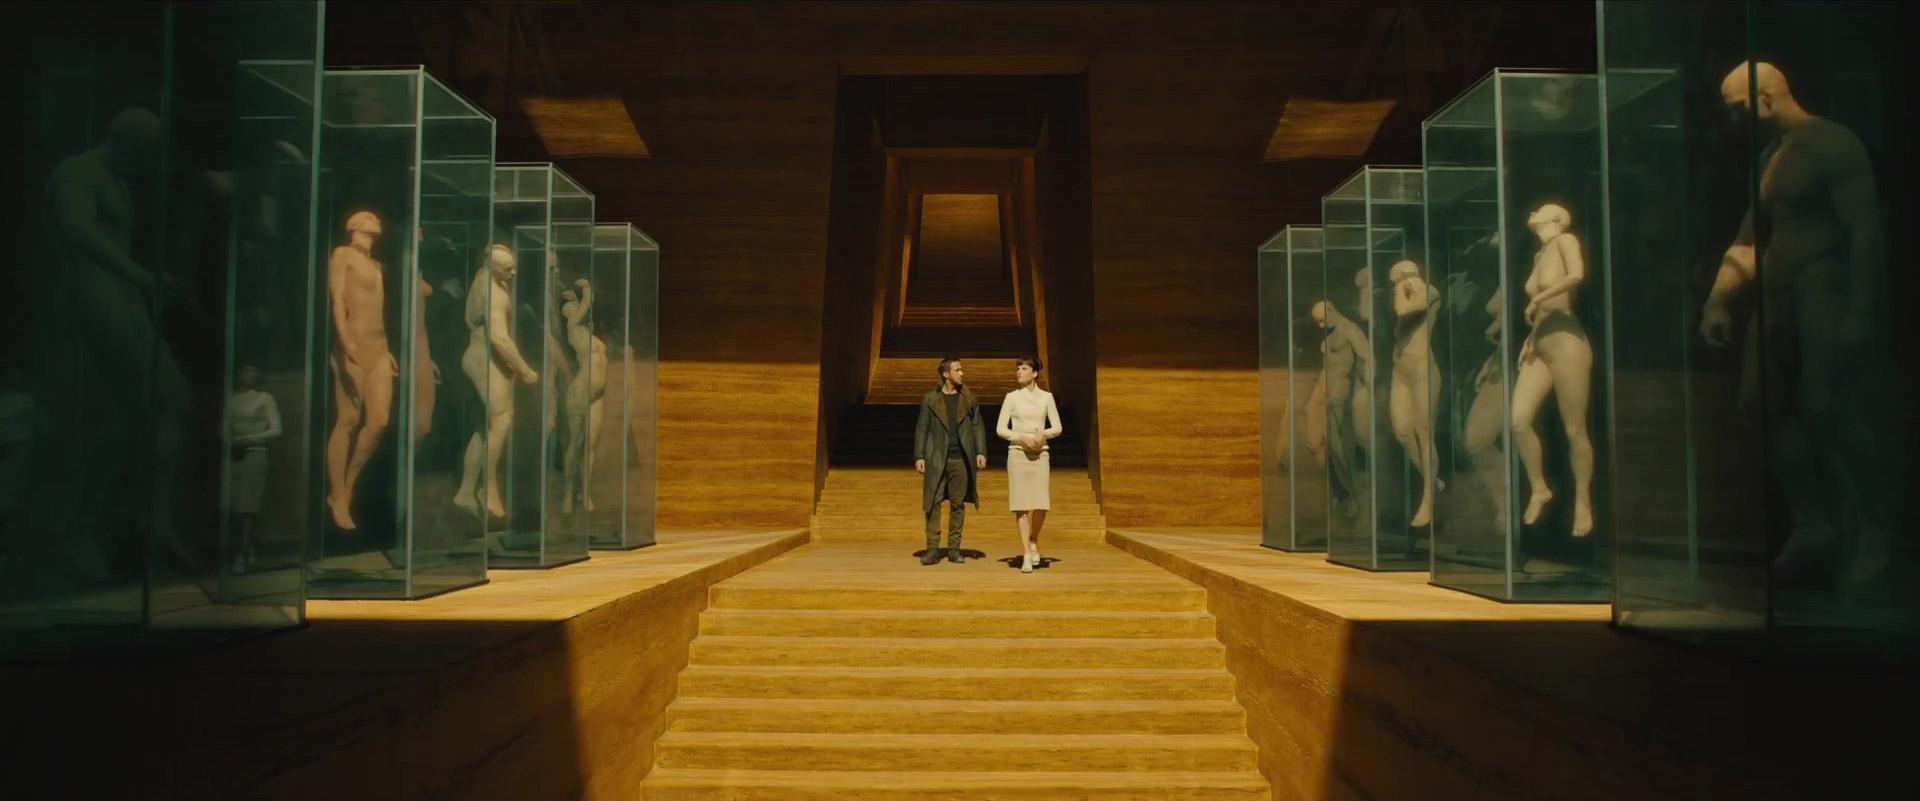 Blade Runner 2049 Wallpapers From Trailer 1920x1080: First Full Trailer For Blade Runner 2049